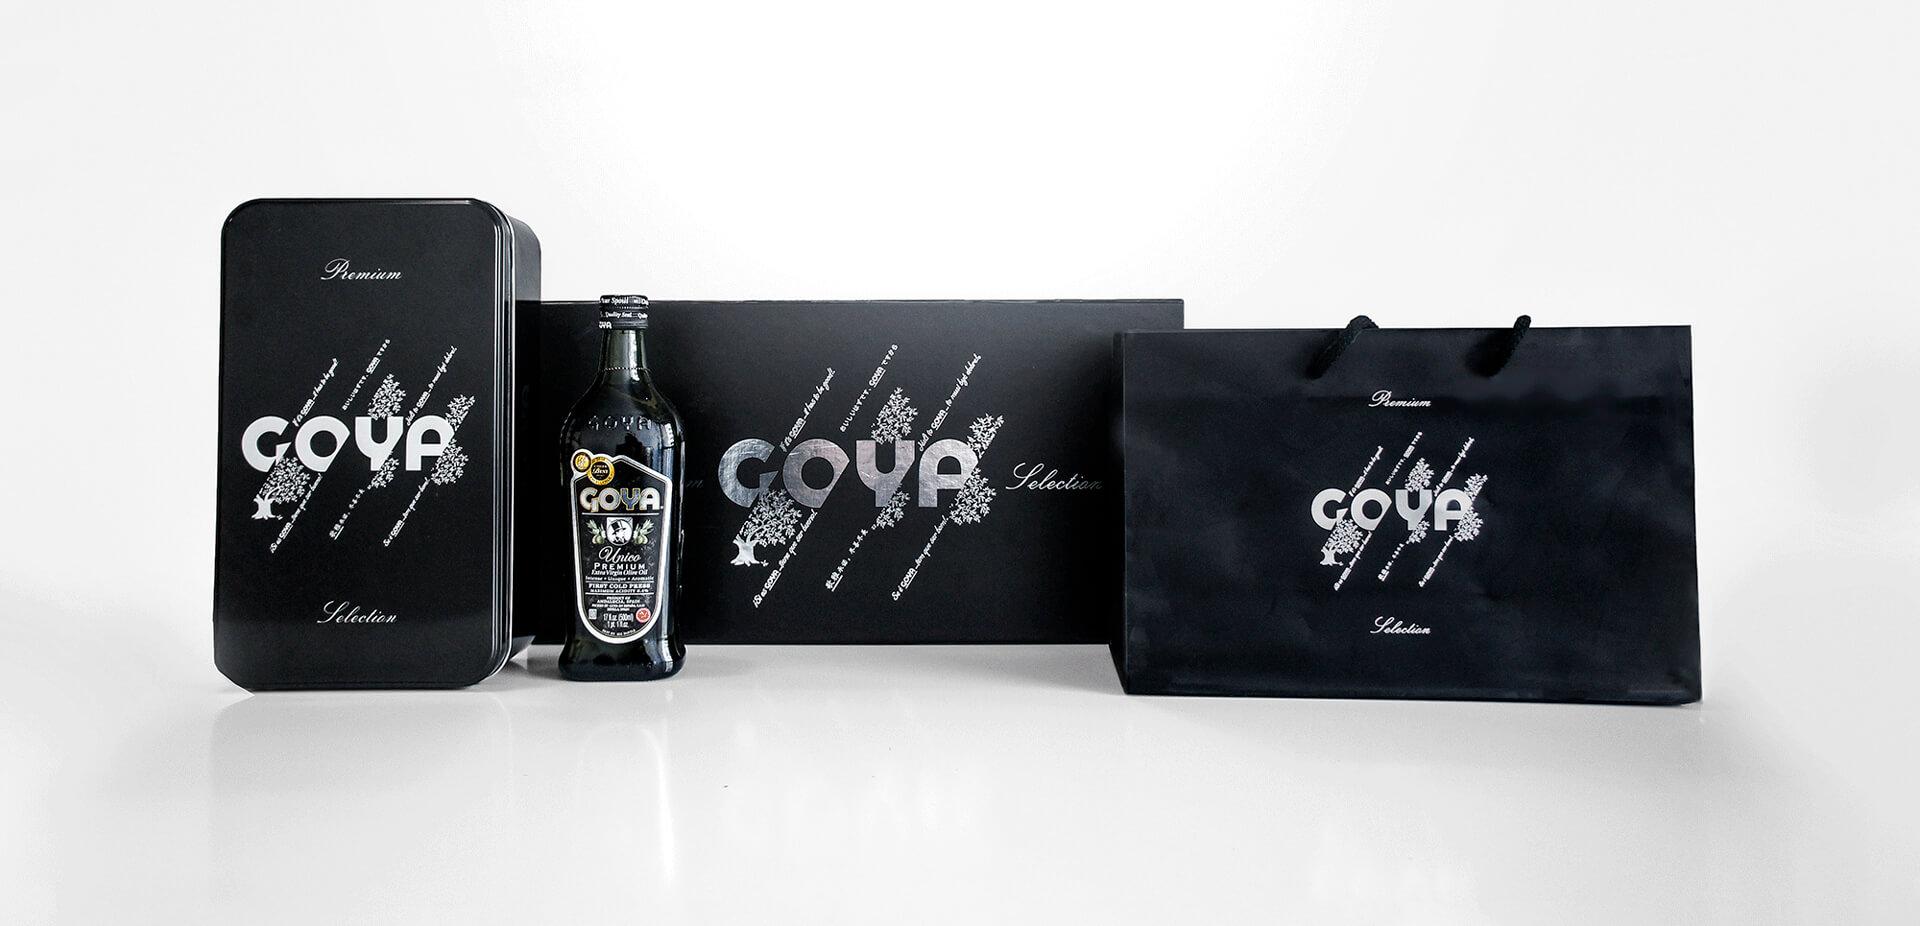 Pack-Goya-1